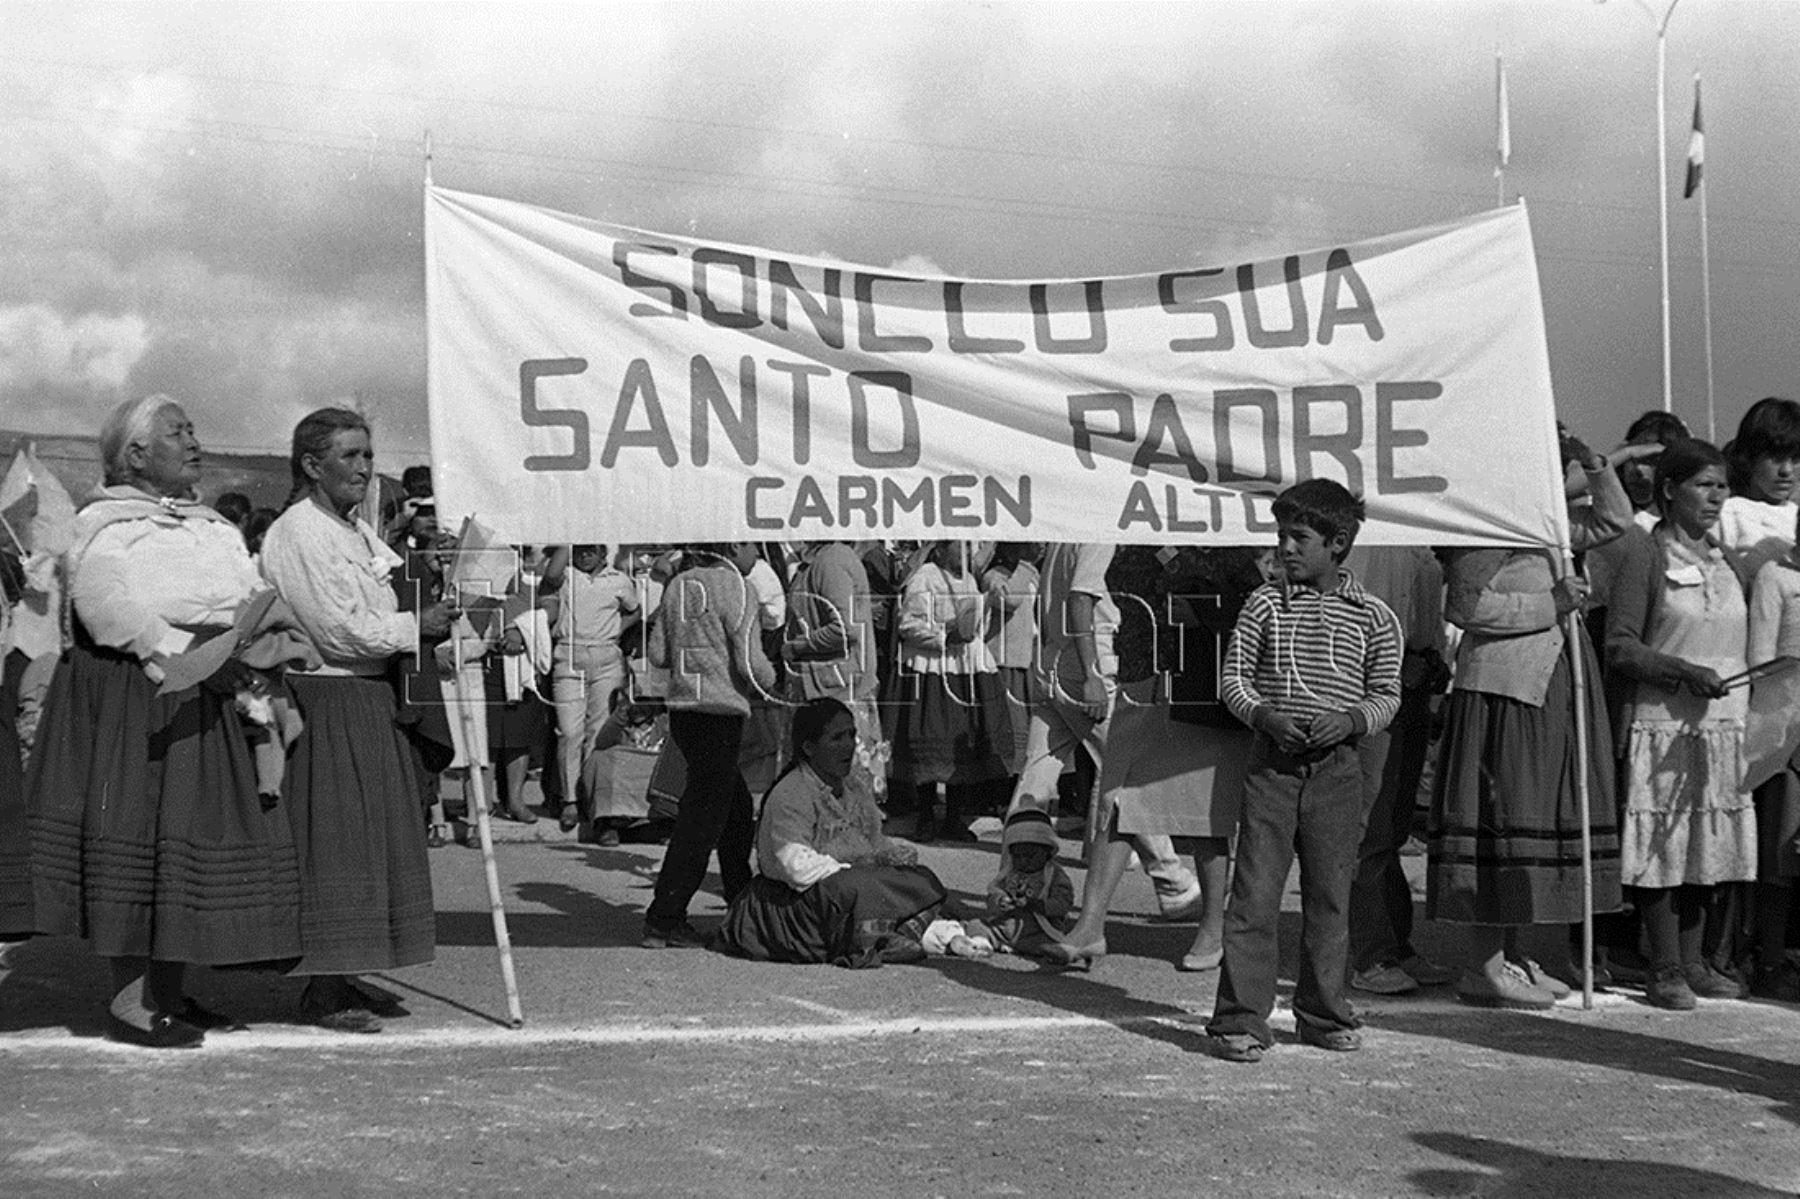 Ayacucho (1985) Miles de personas provenientes de comunidades de todo el departamento le dieron la bienvenida. En su mensaje condenó la violencia y solidarizó con el pueblo ayacuchano.